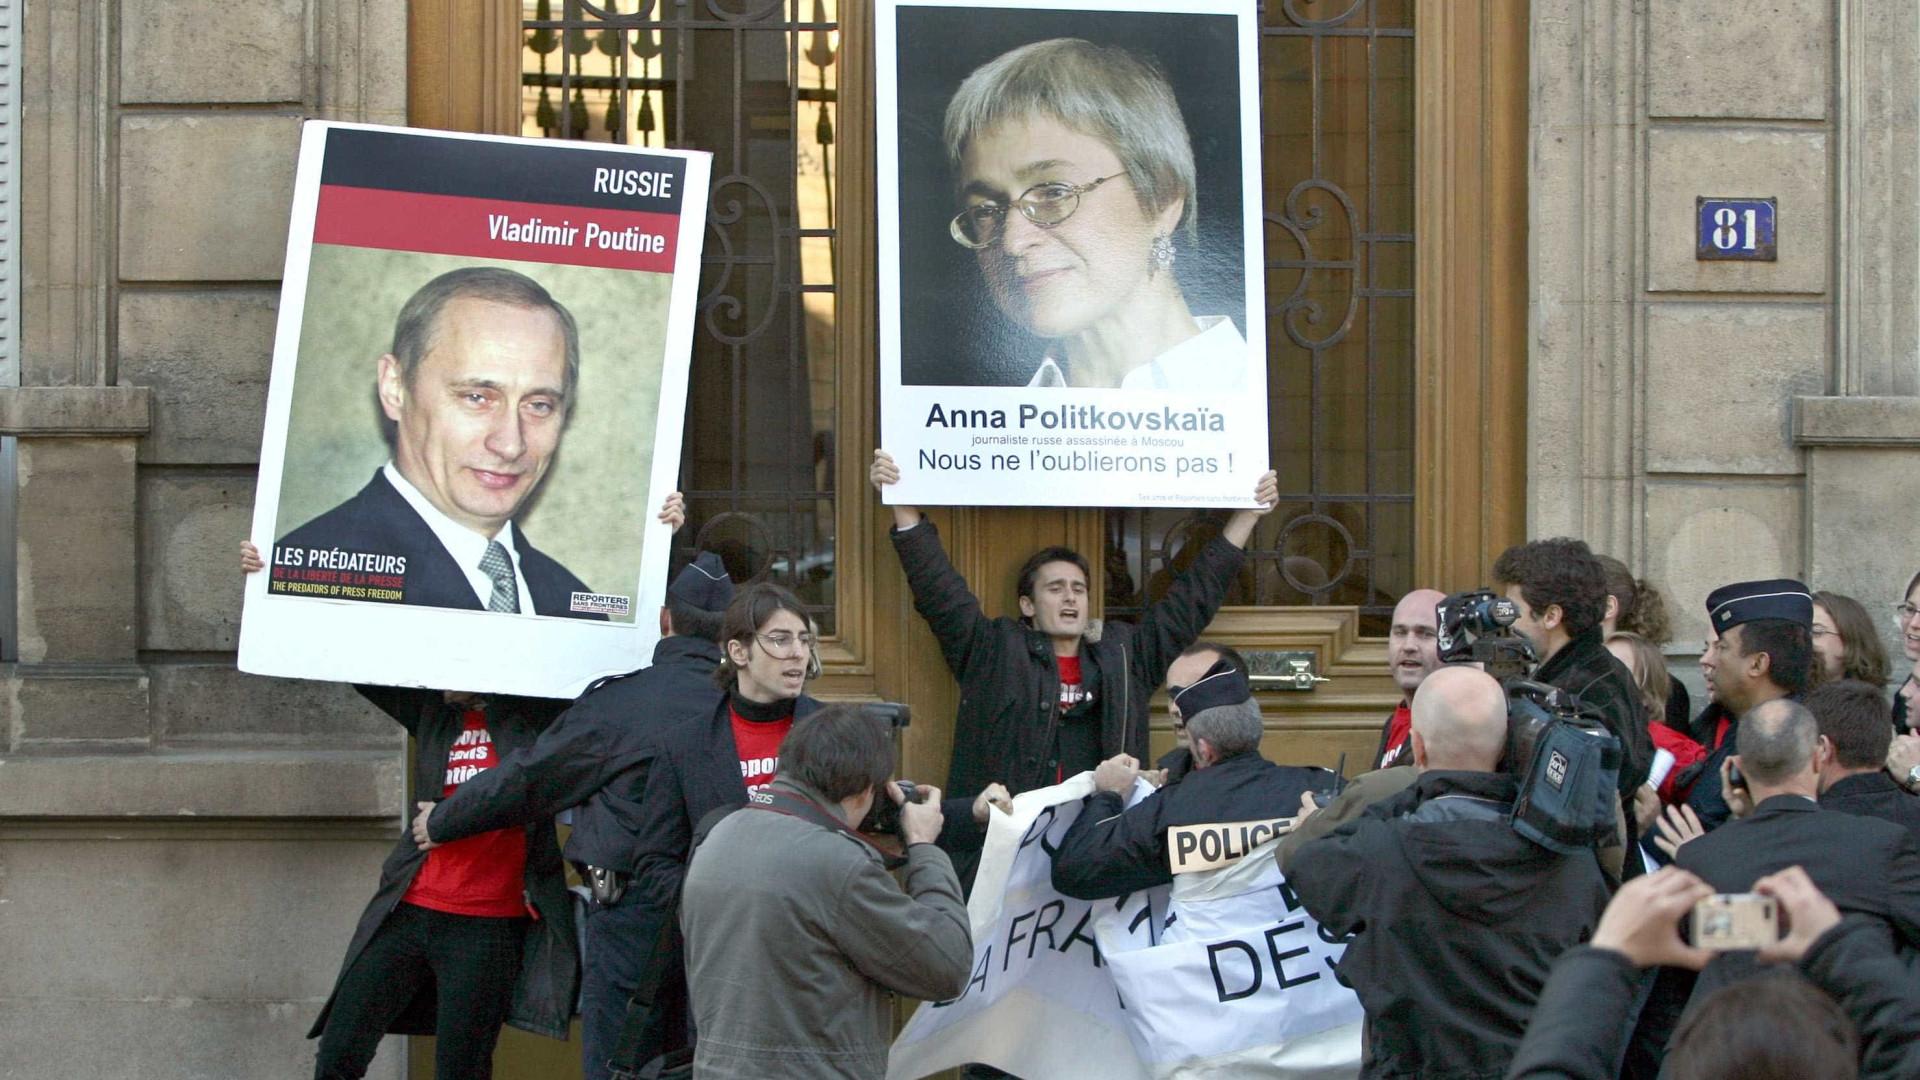 Corte de Estrasburgo condena Rússia pelo caso Politkovskaia